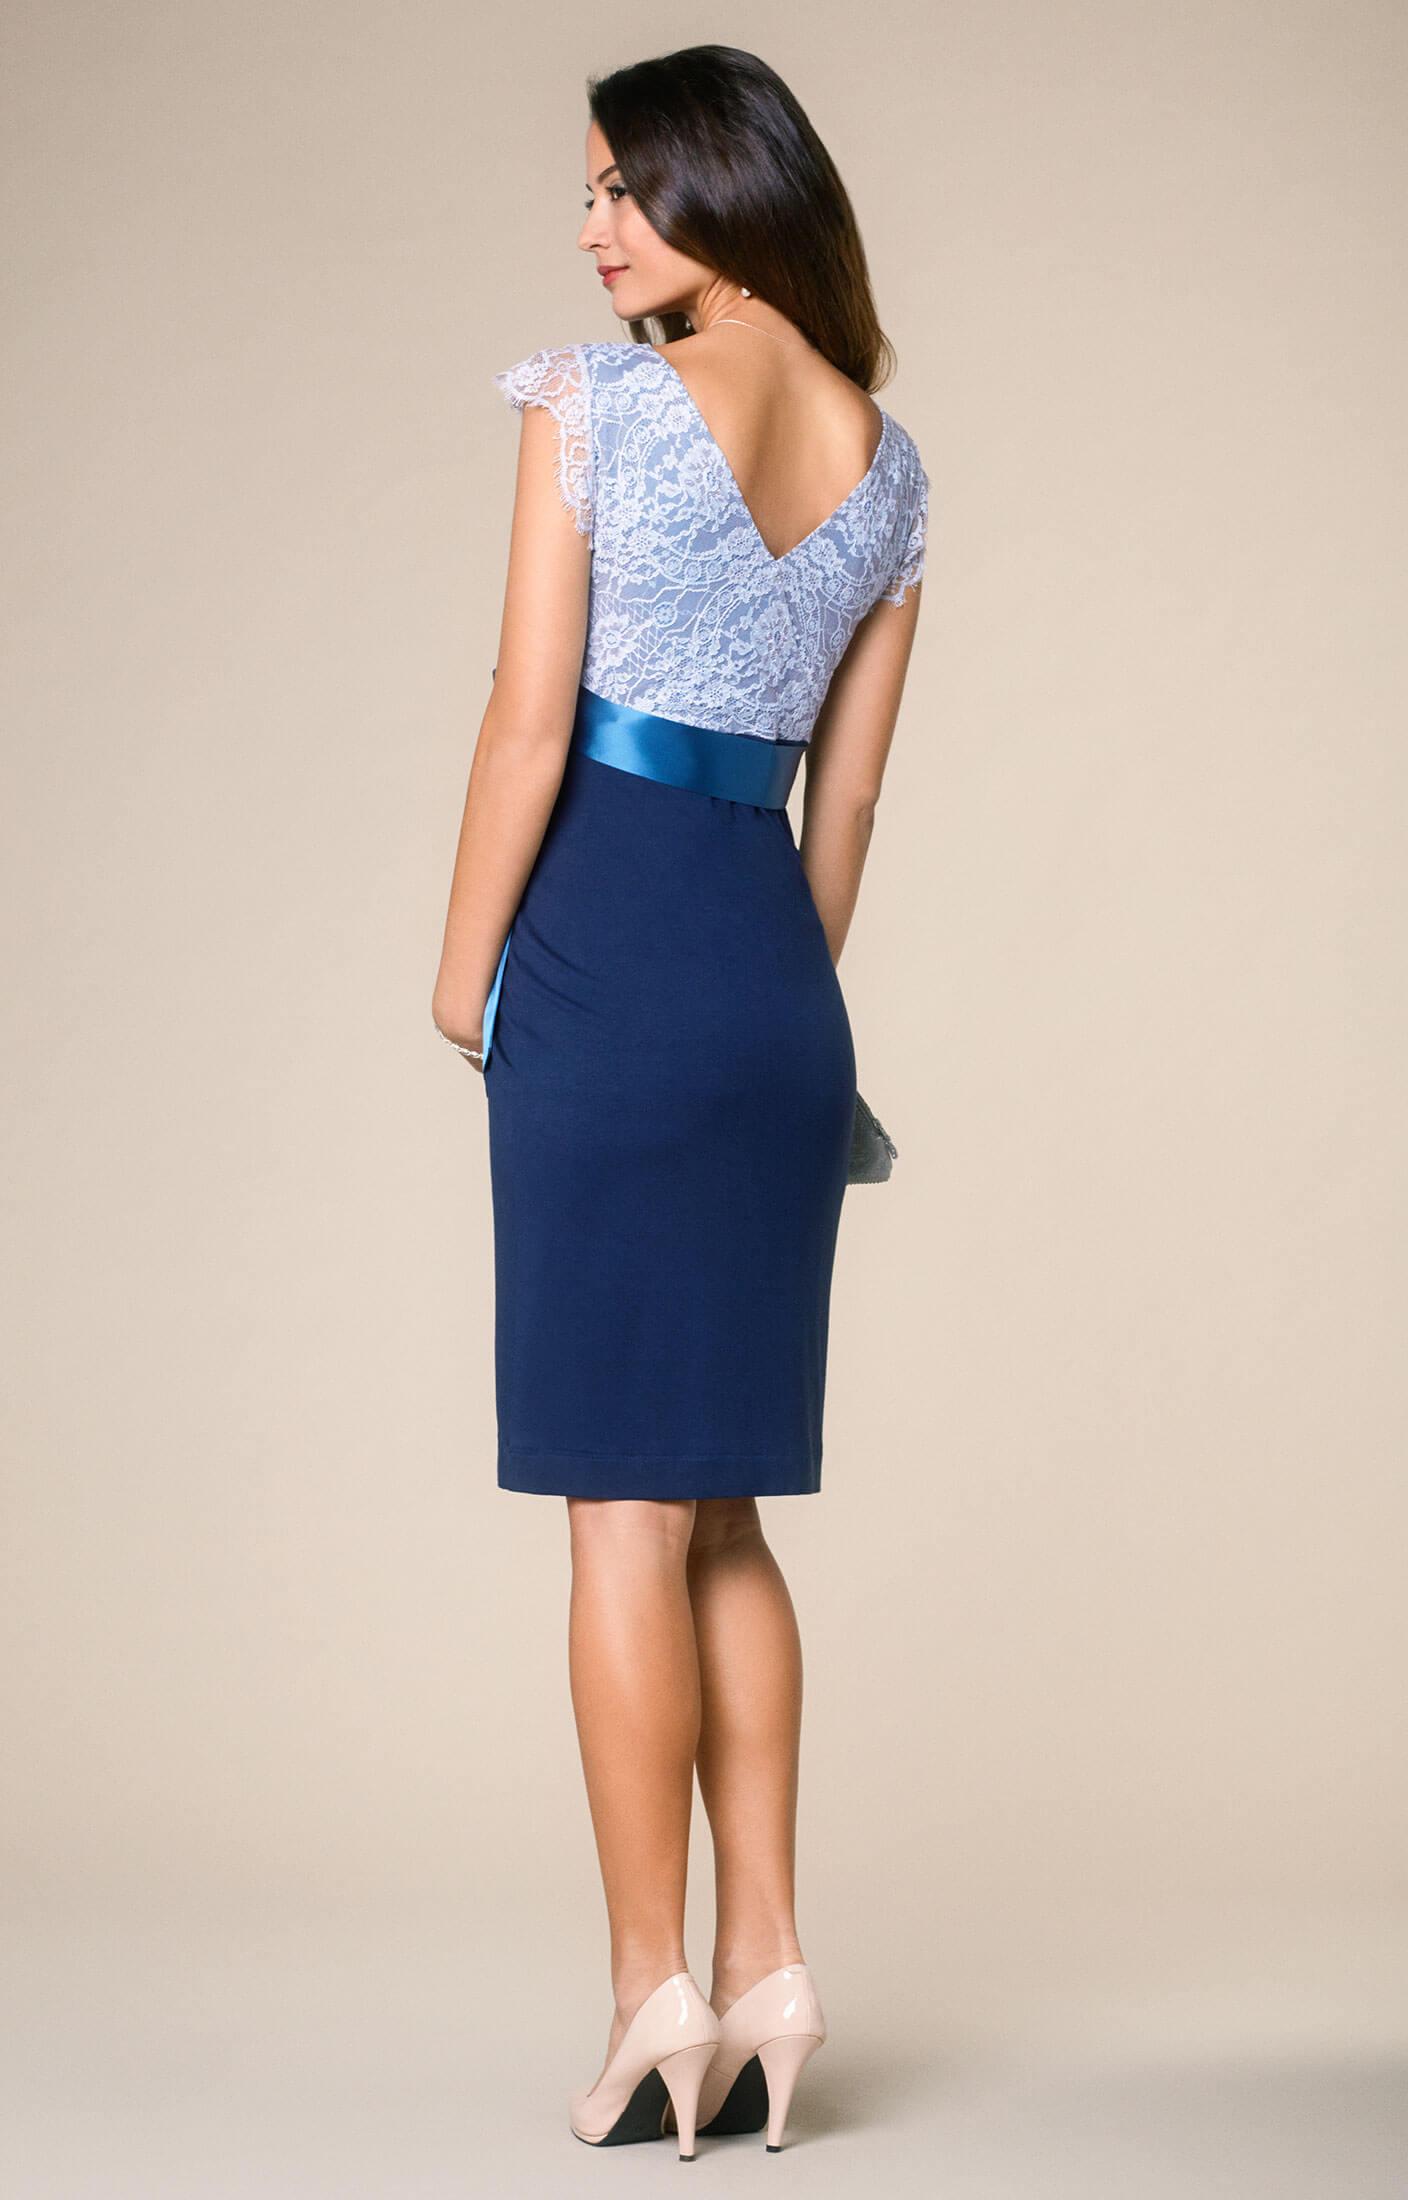 Umstandskleid Rosa Infinity Blau - Umstandshochzeitskleider ...